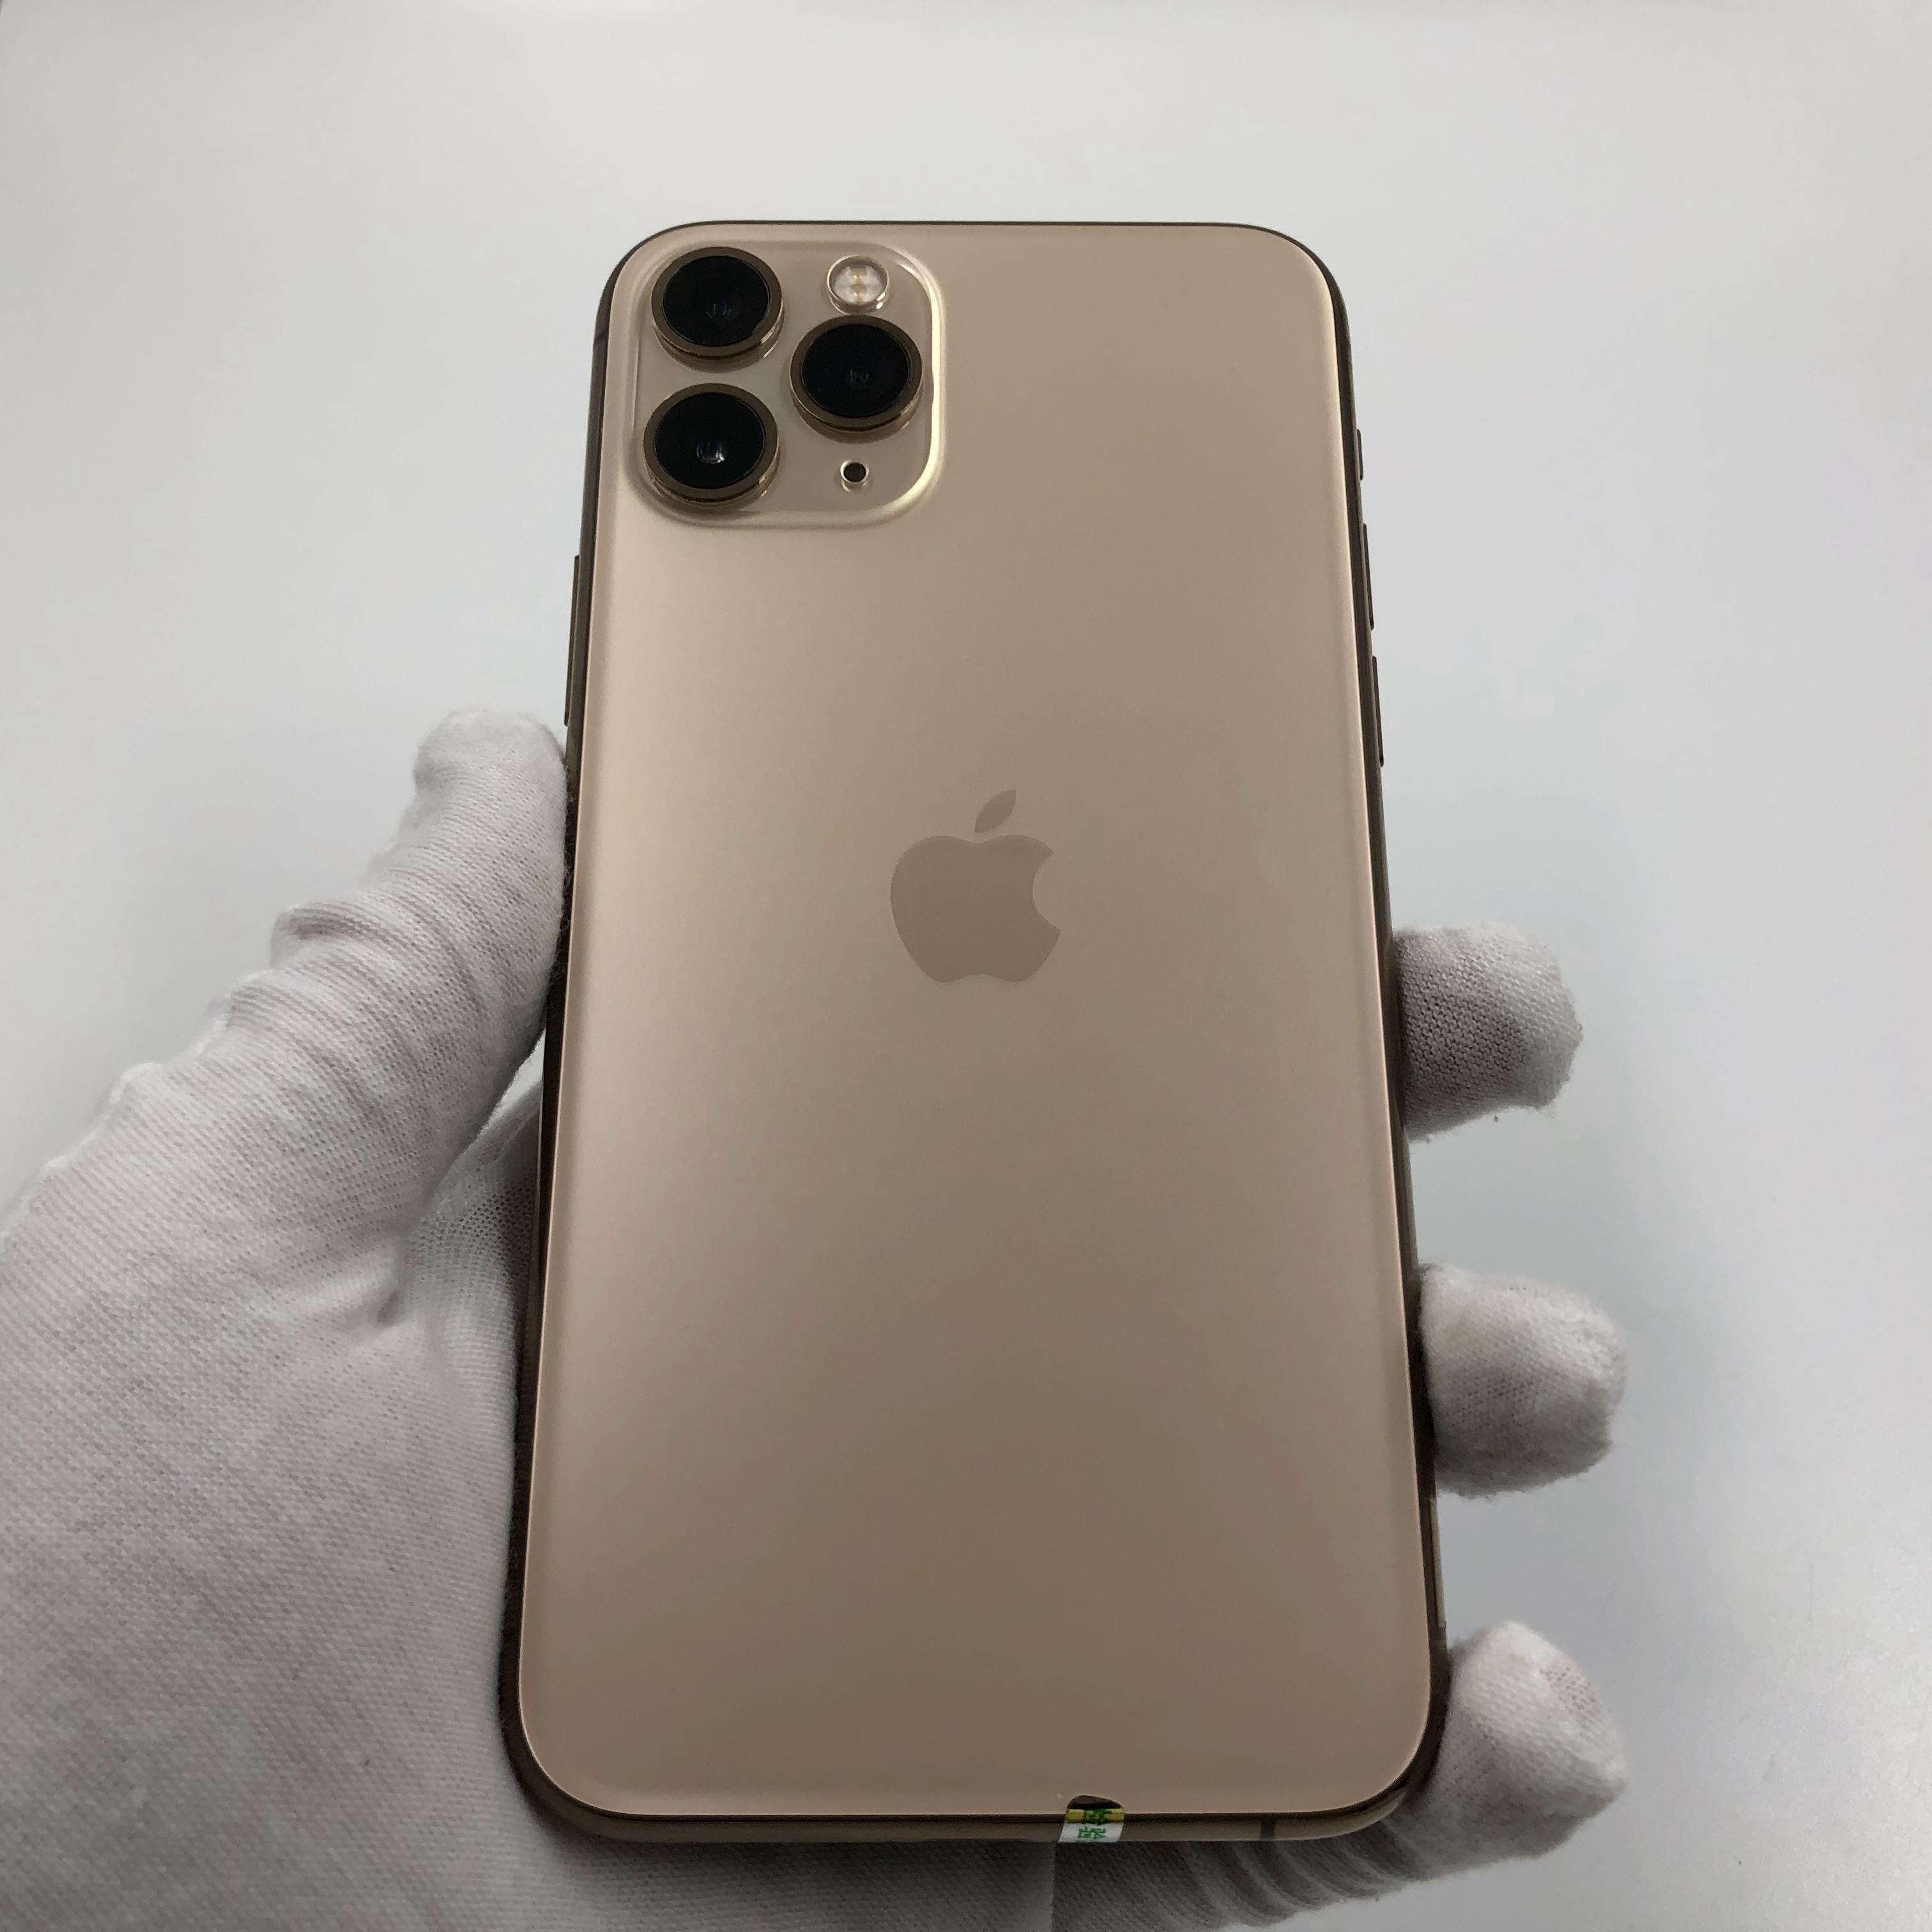 苹果【iPhone 11 Pro】4G全网通 金色 64G 国行 95新 真机实拍